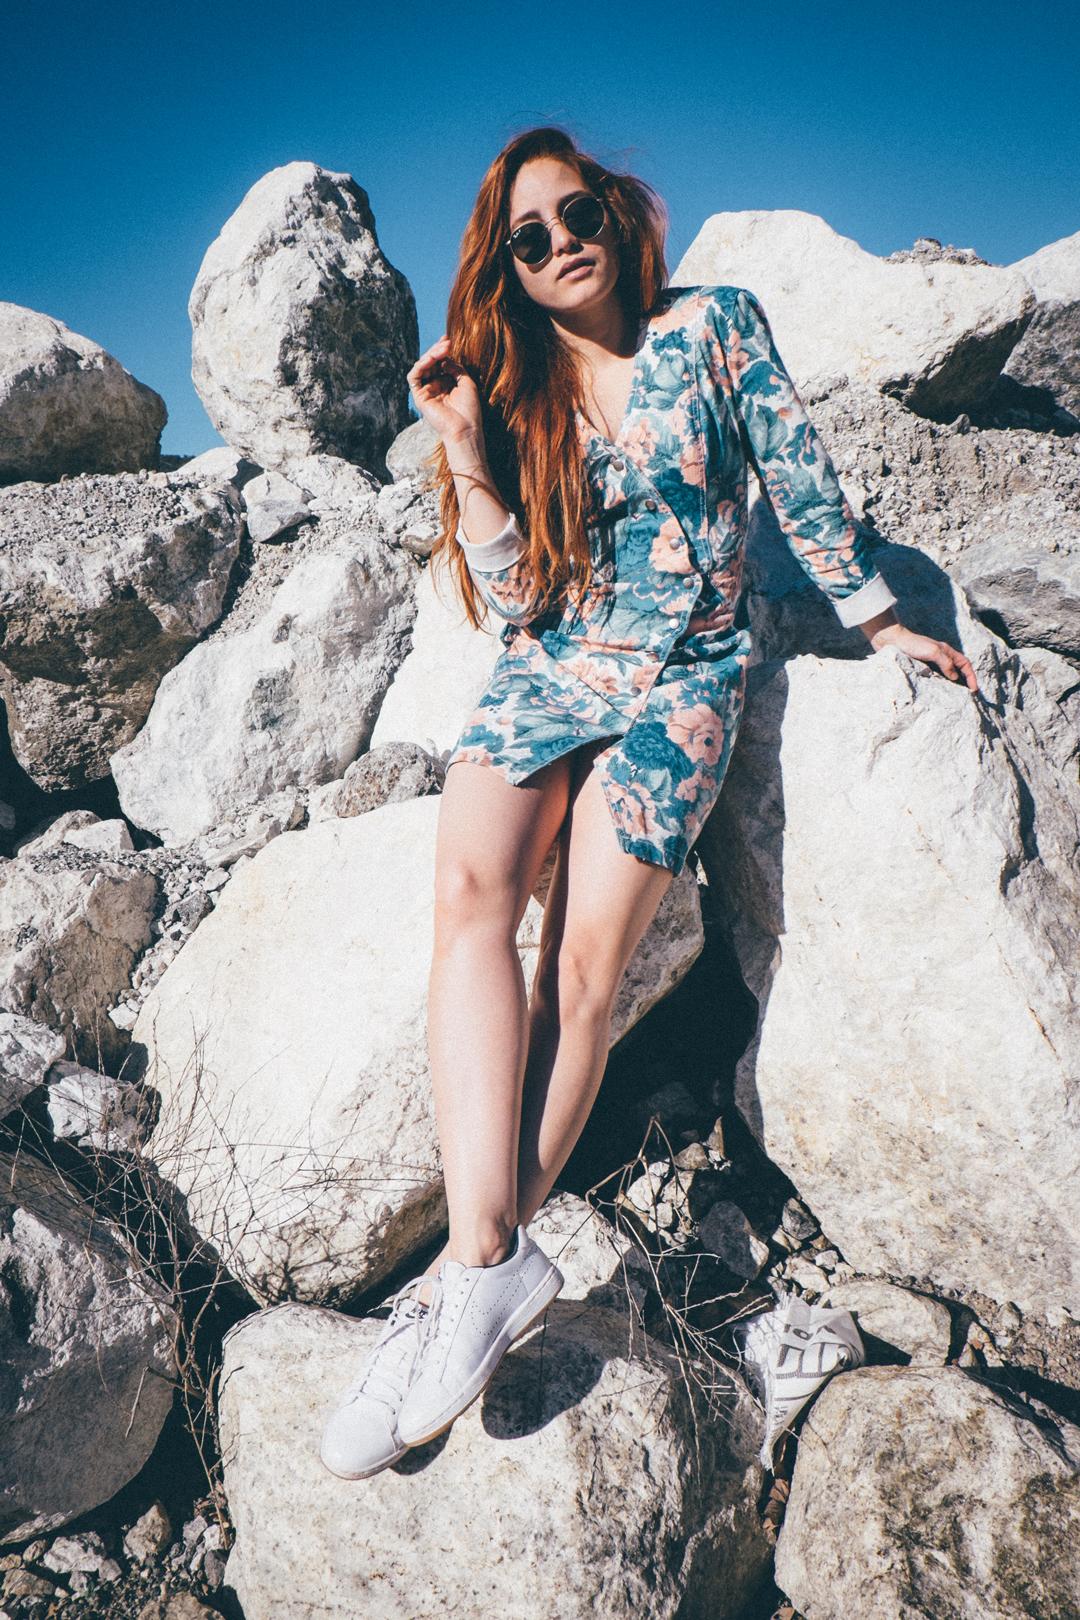 MelissaMontoyaPhotography_FashionMuse_Coloreada_CopperTone_04_WEB